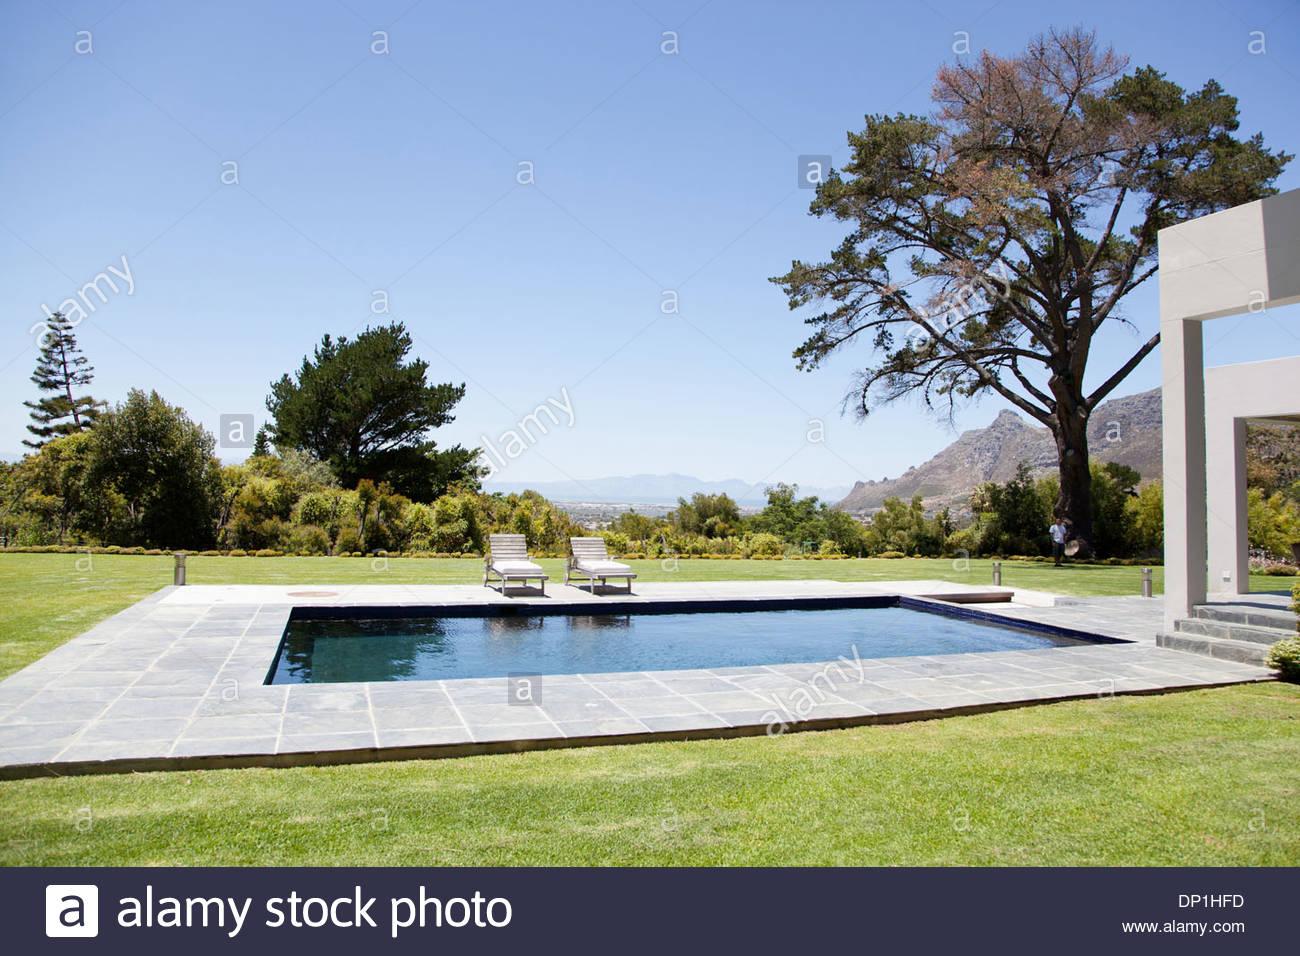 Maison moderne avec piscine Photo Stock